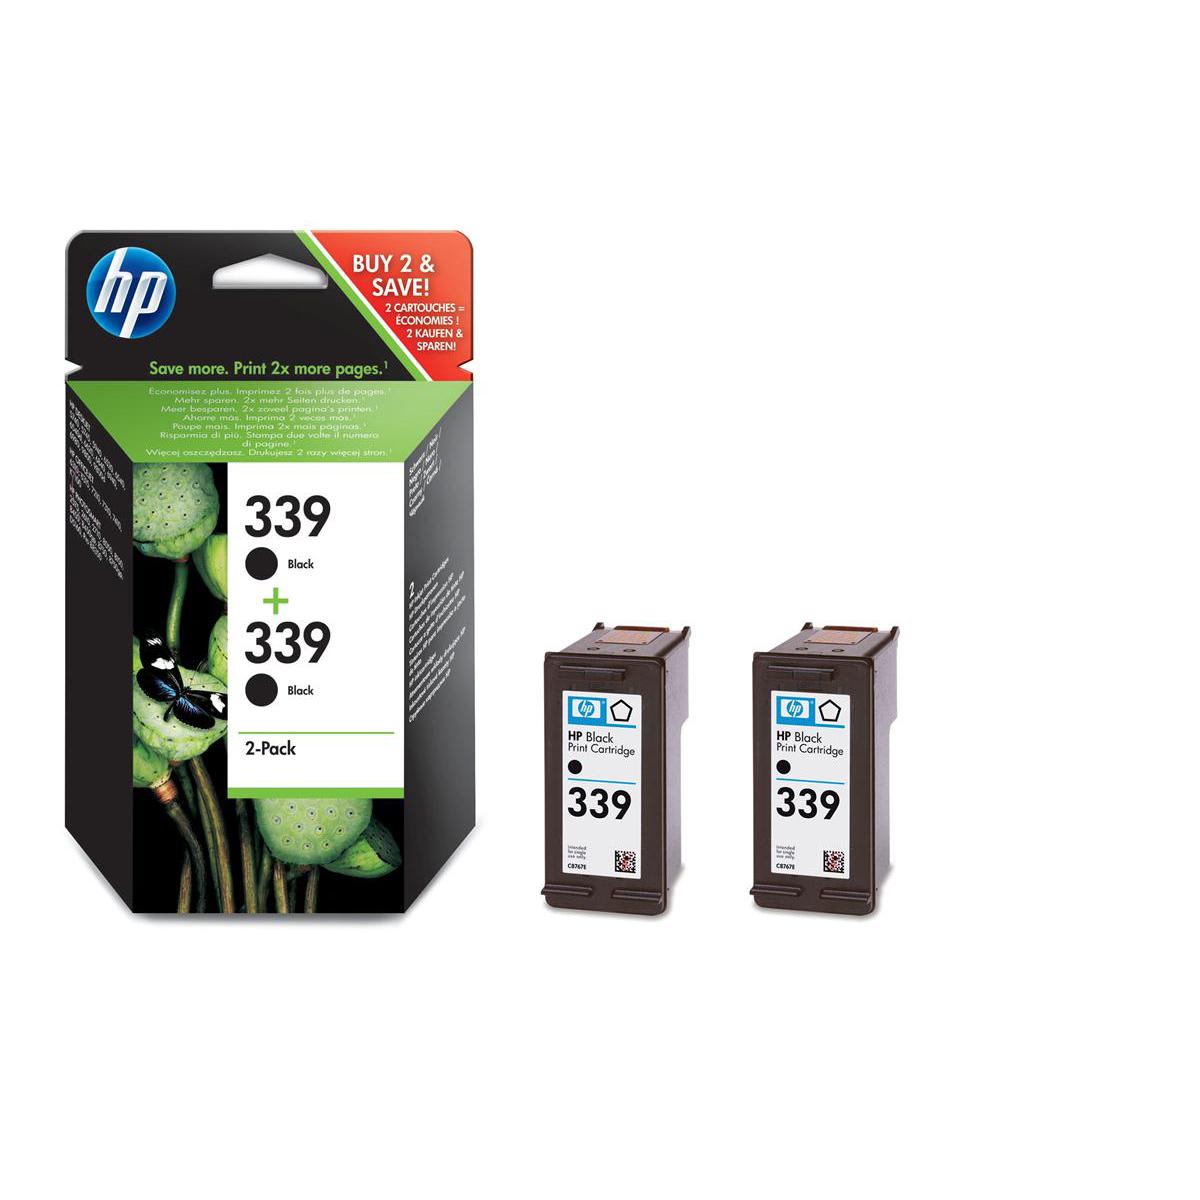 Hewlett Packard HP No.339 Inkjet Cartridge Page Life 860pp 21ml Black Ref C9504EE Pack 2